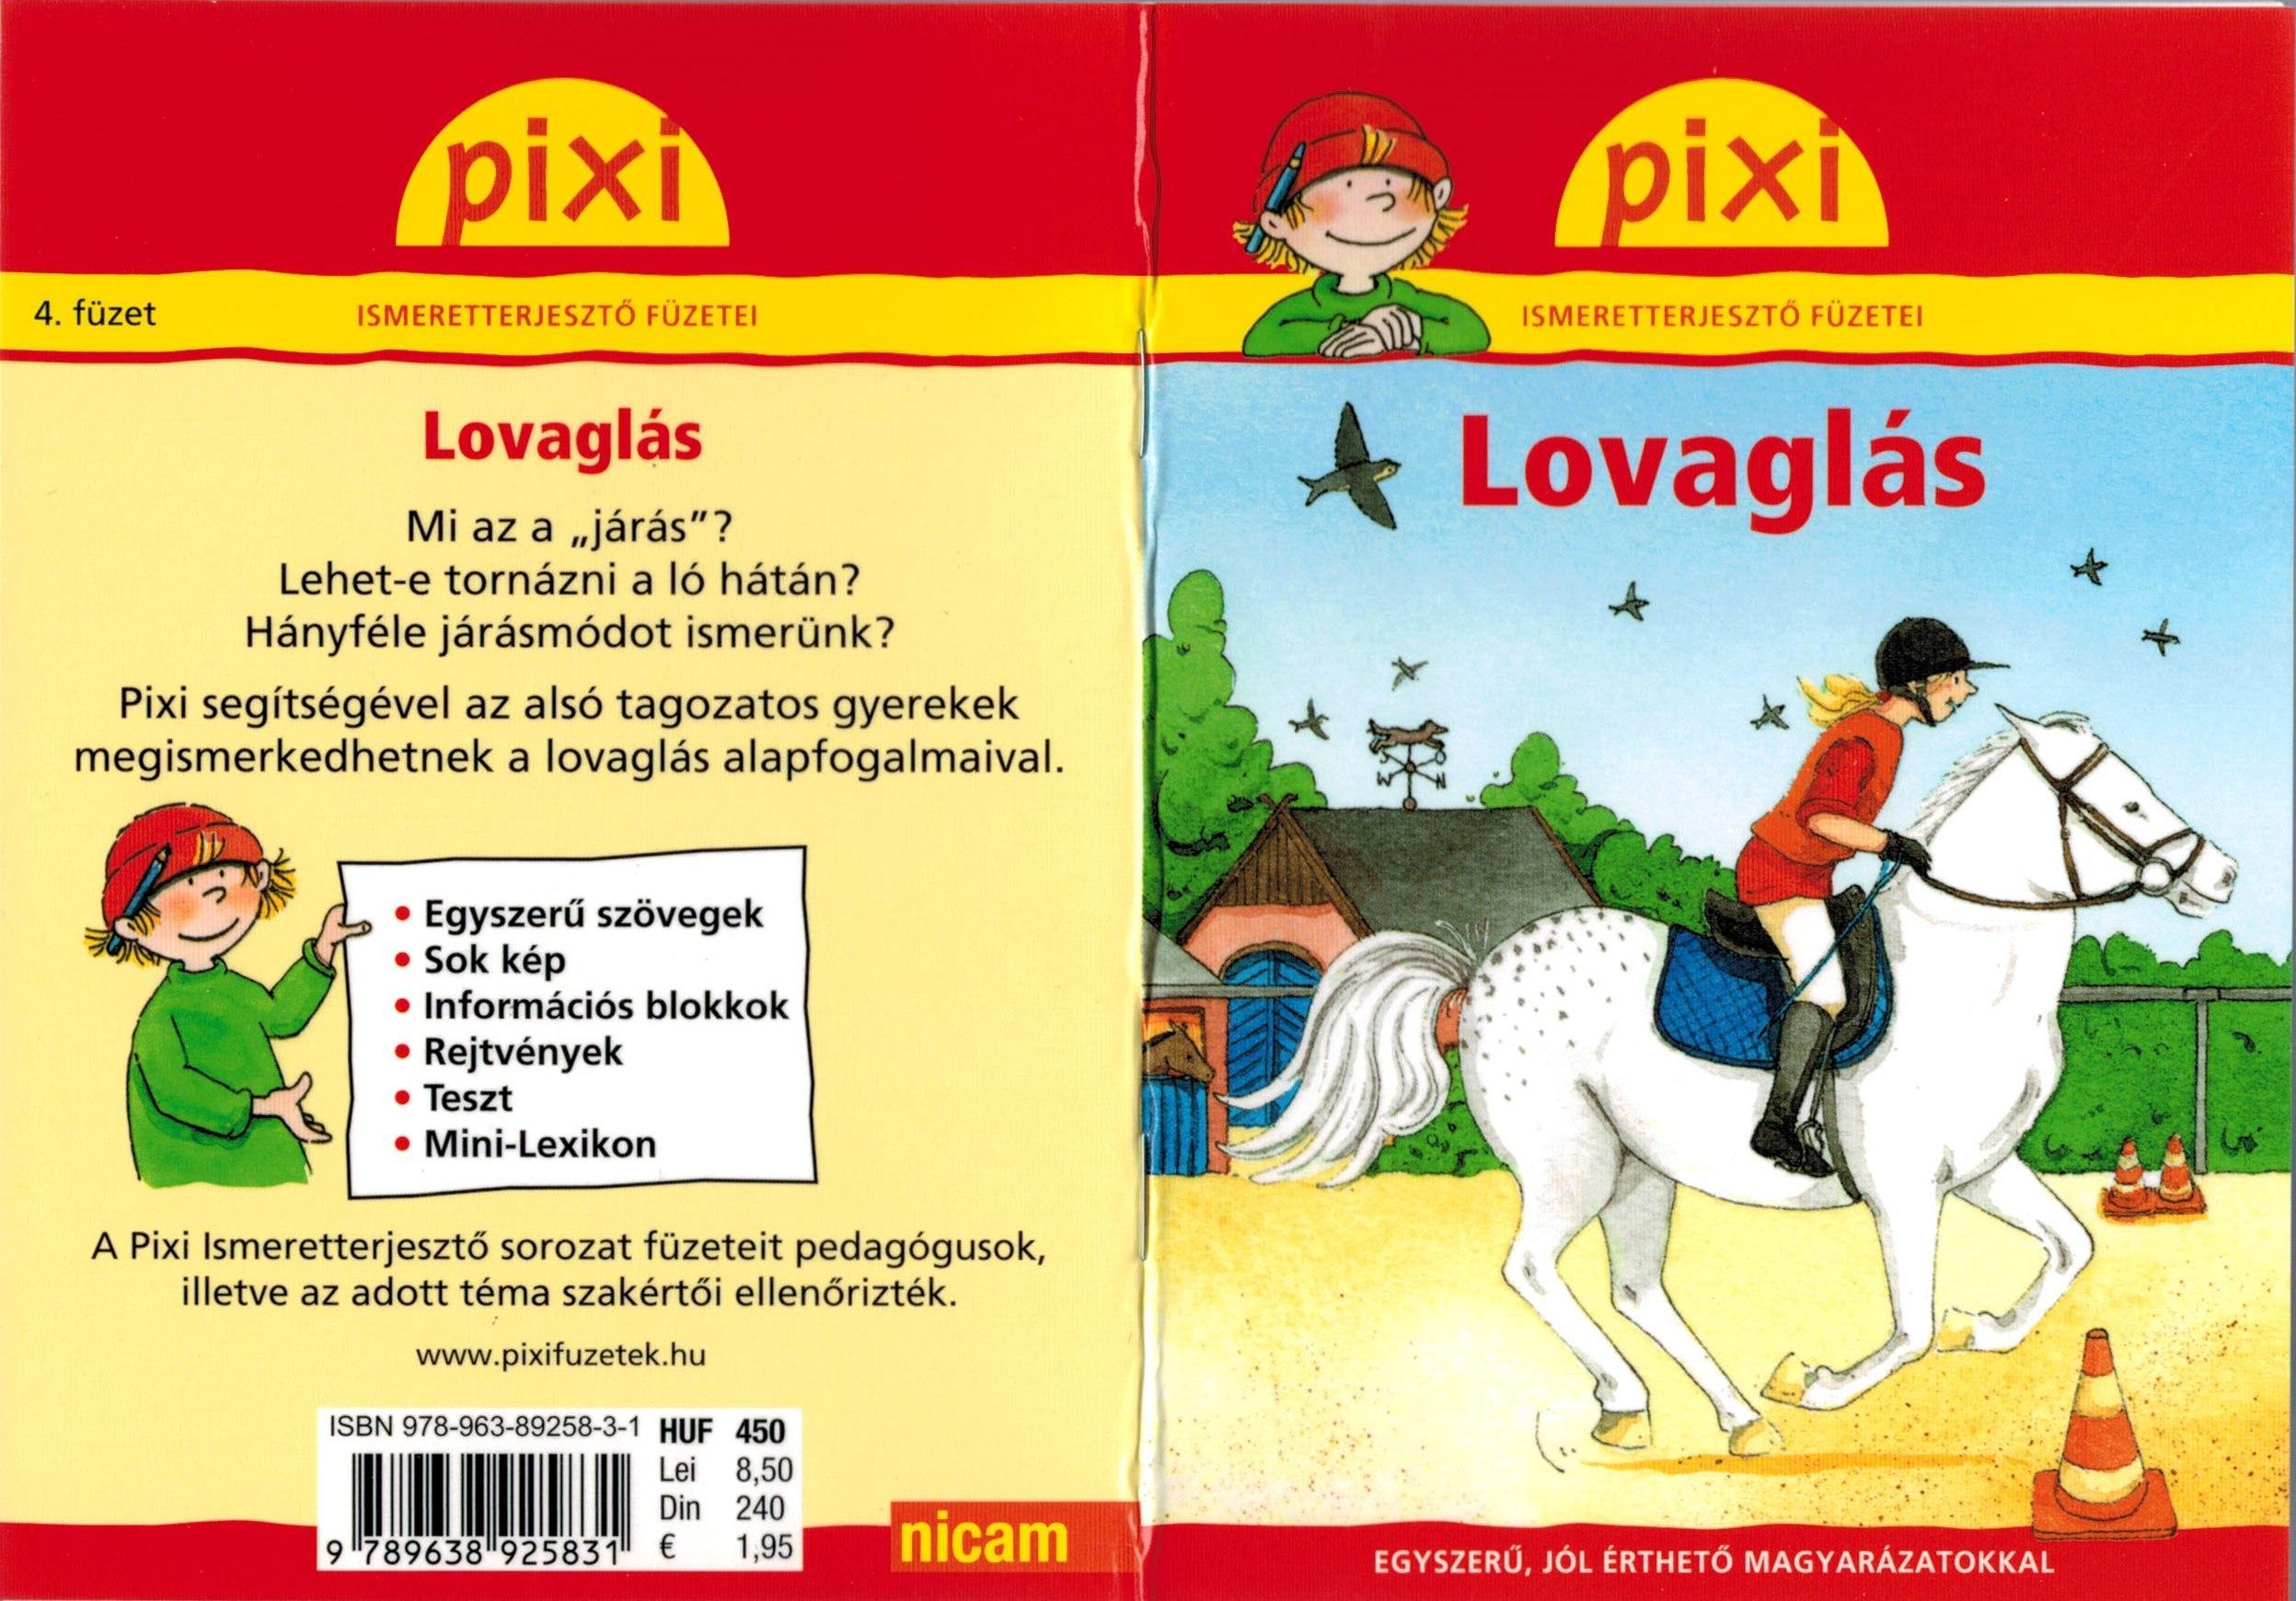 LOVAGLÁS - PIXI ISMERETTERJESZTŐ FÜZETEI